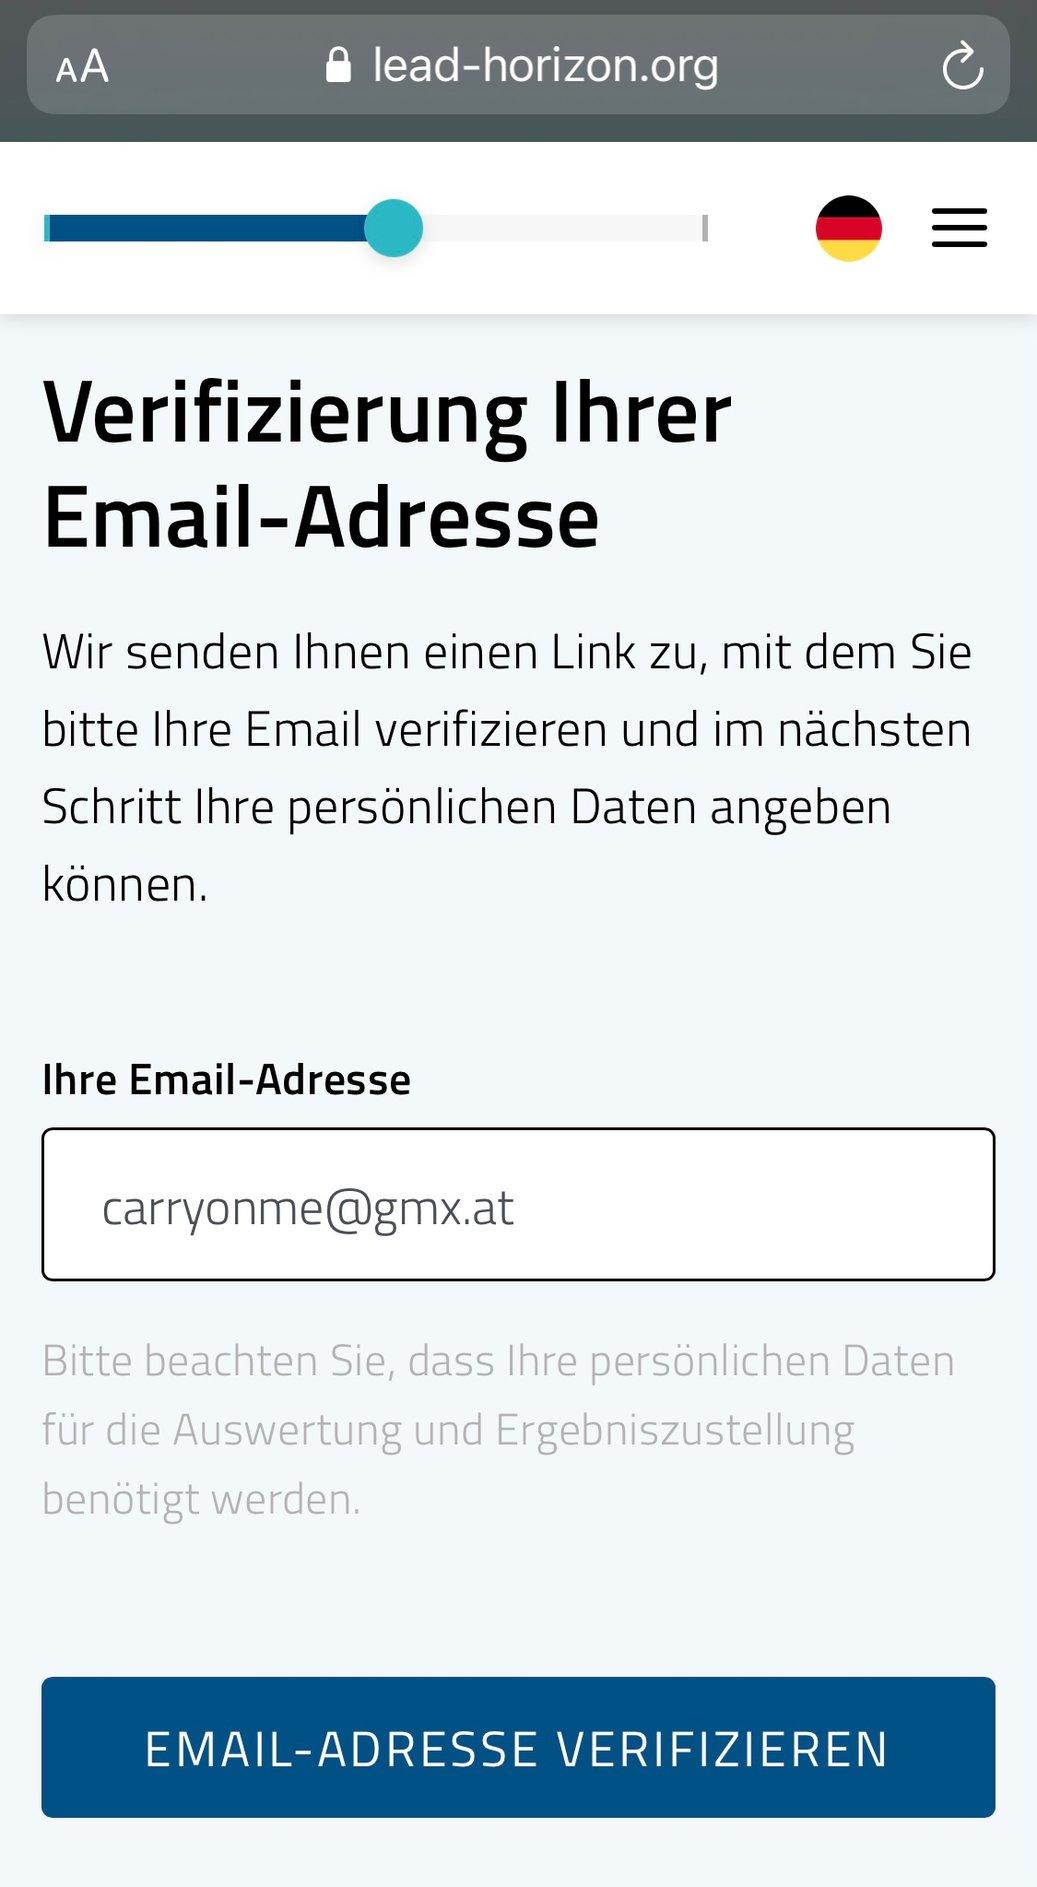 Verifizierung 1 in der WebApp